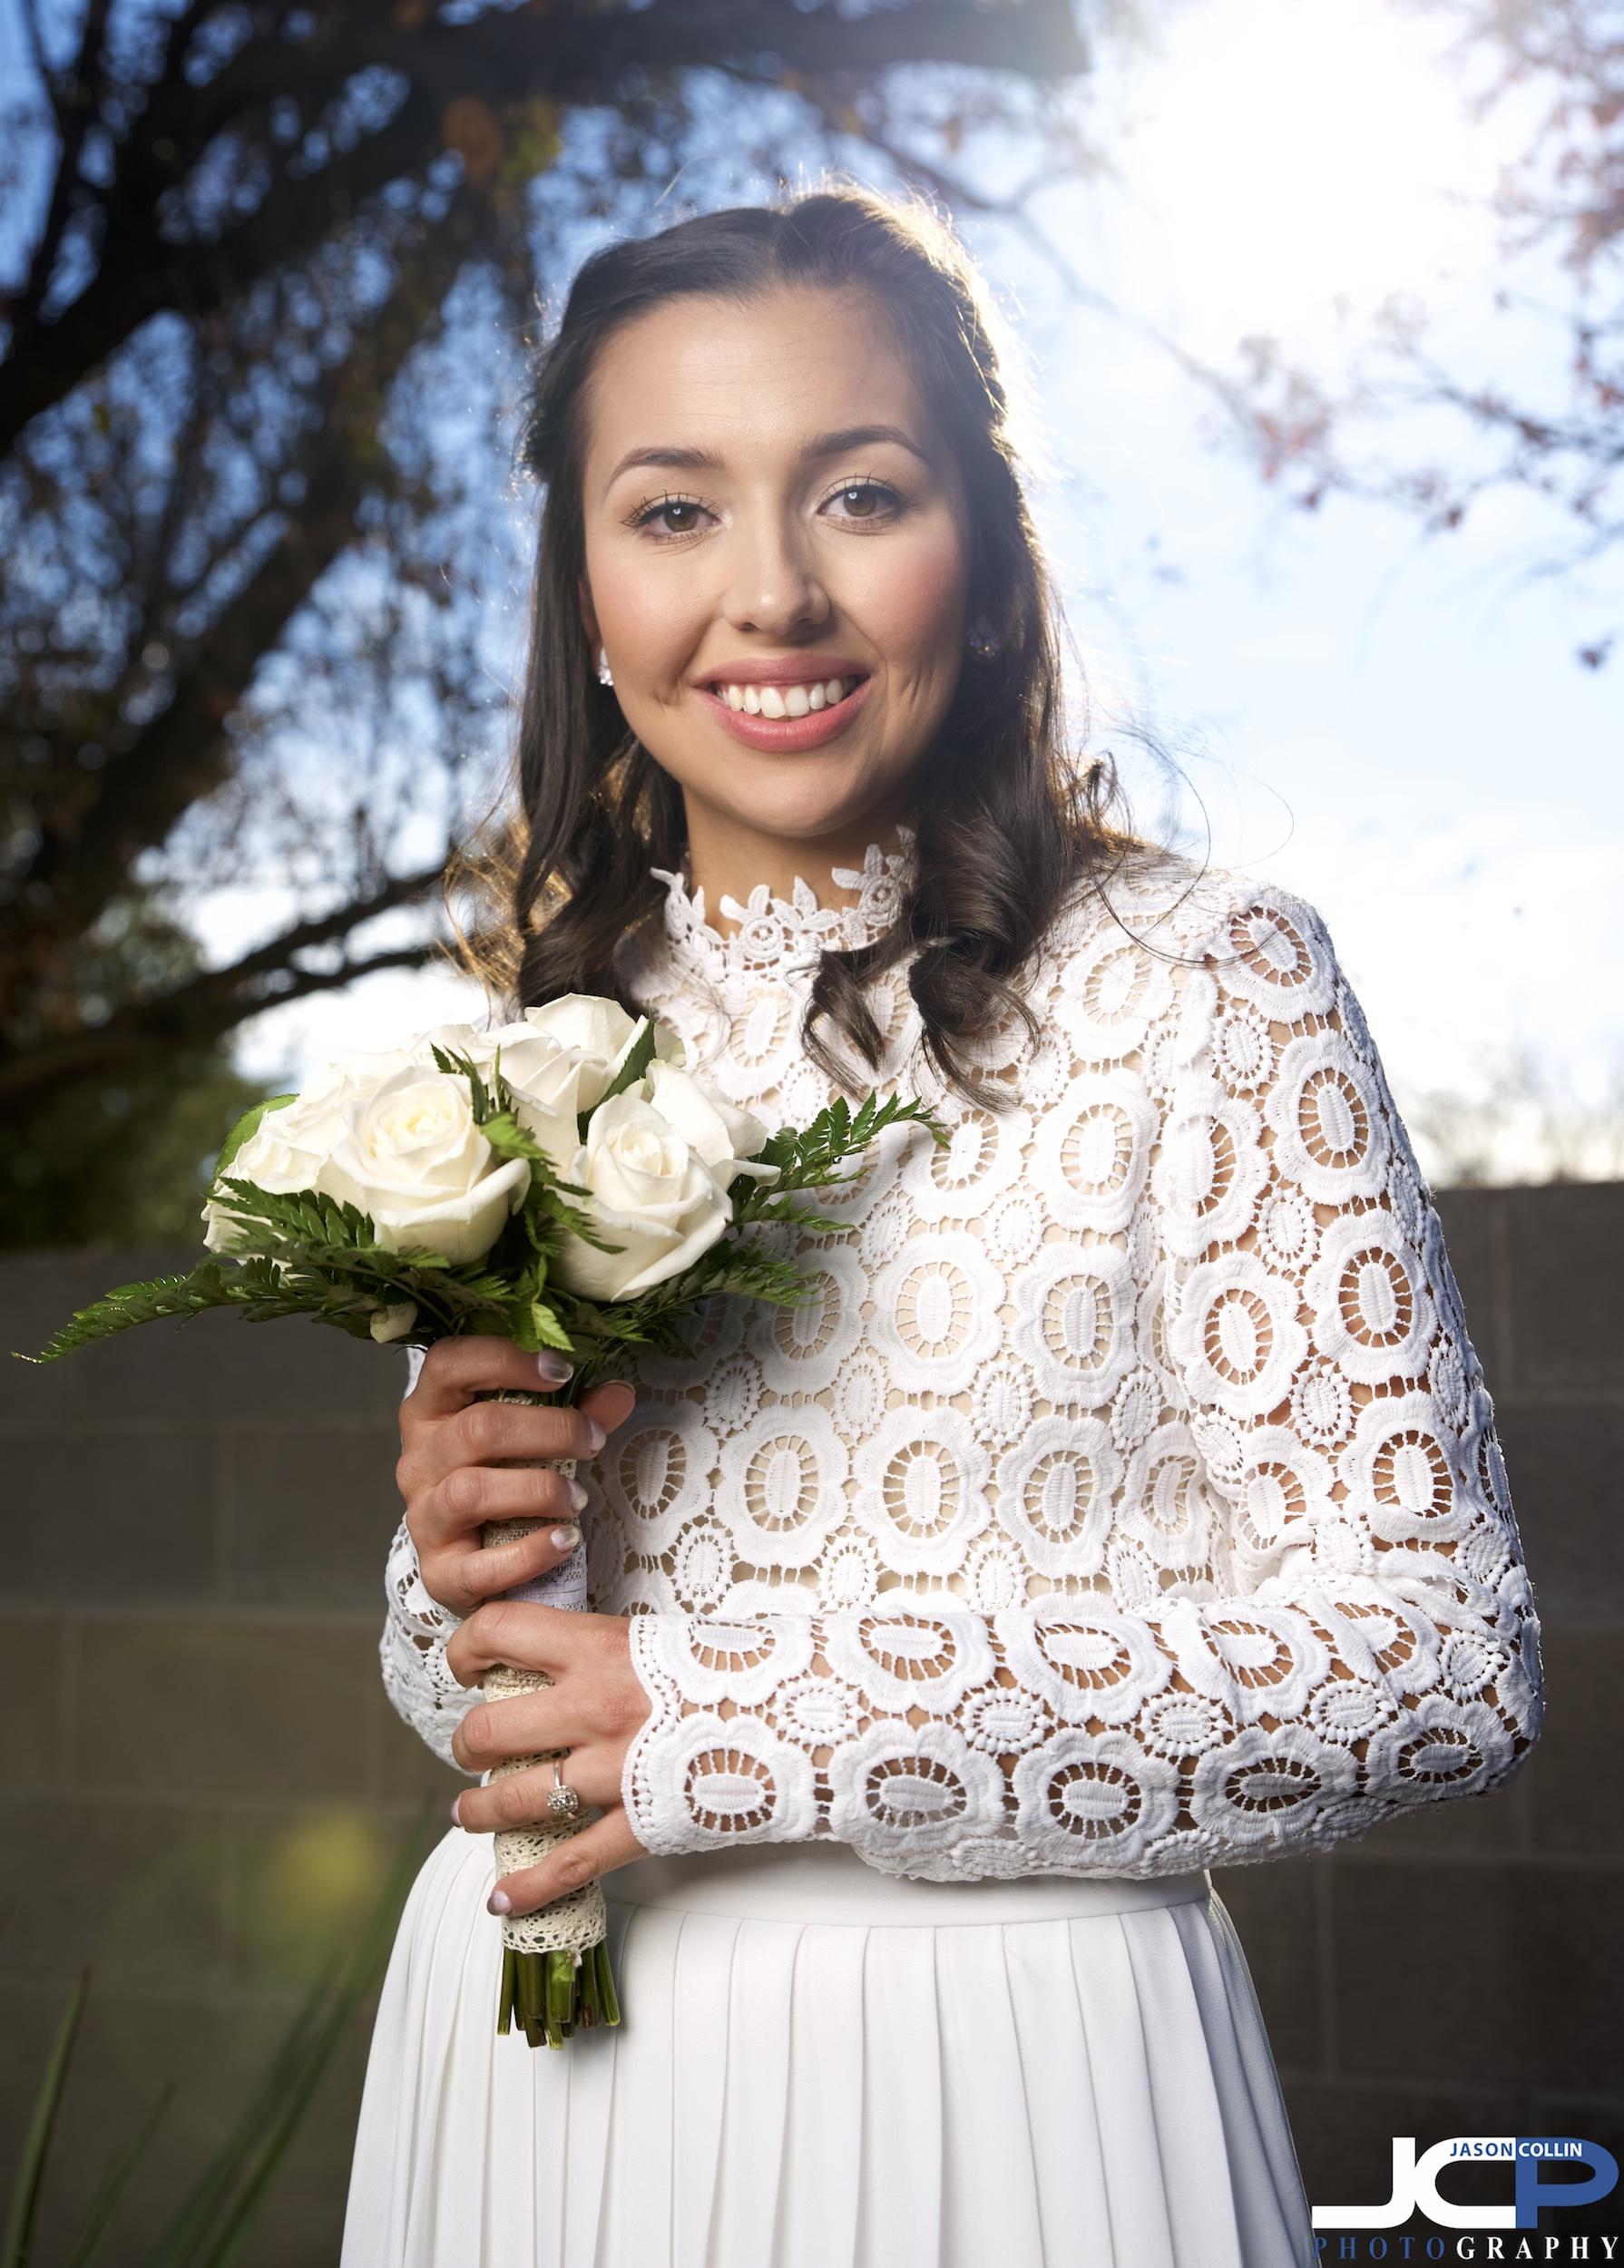 An outdoor wedding bride photo in Albuquerque, New Mexico